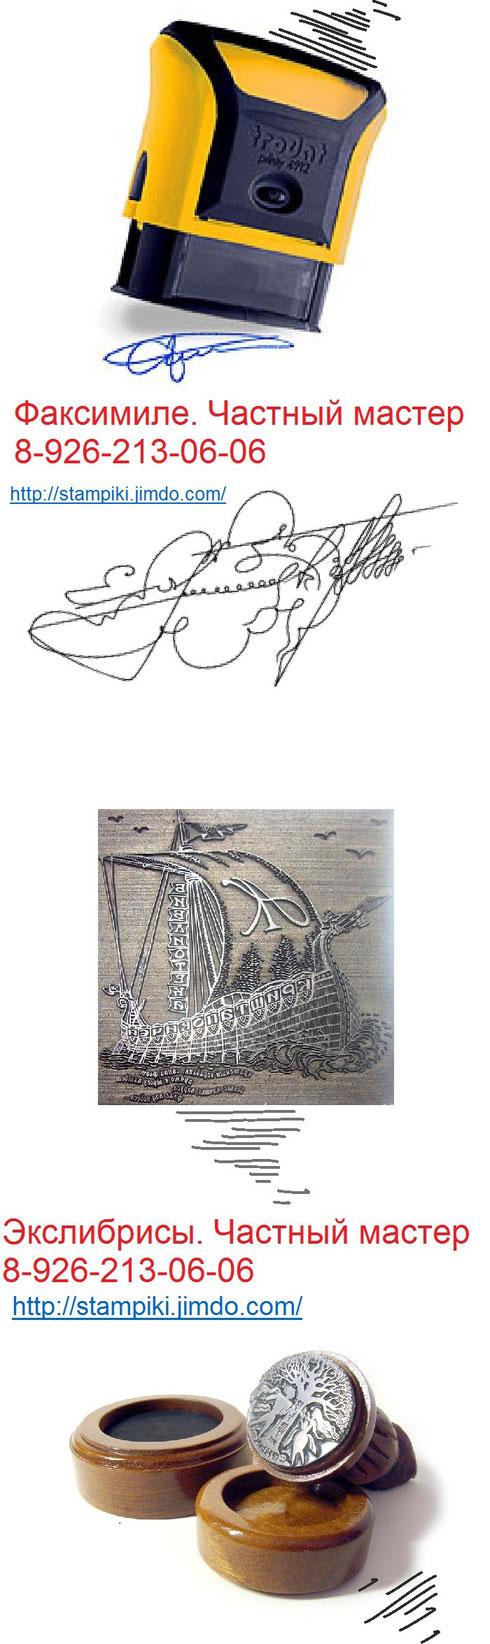 сделать штамп с личной подписью